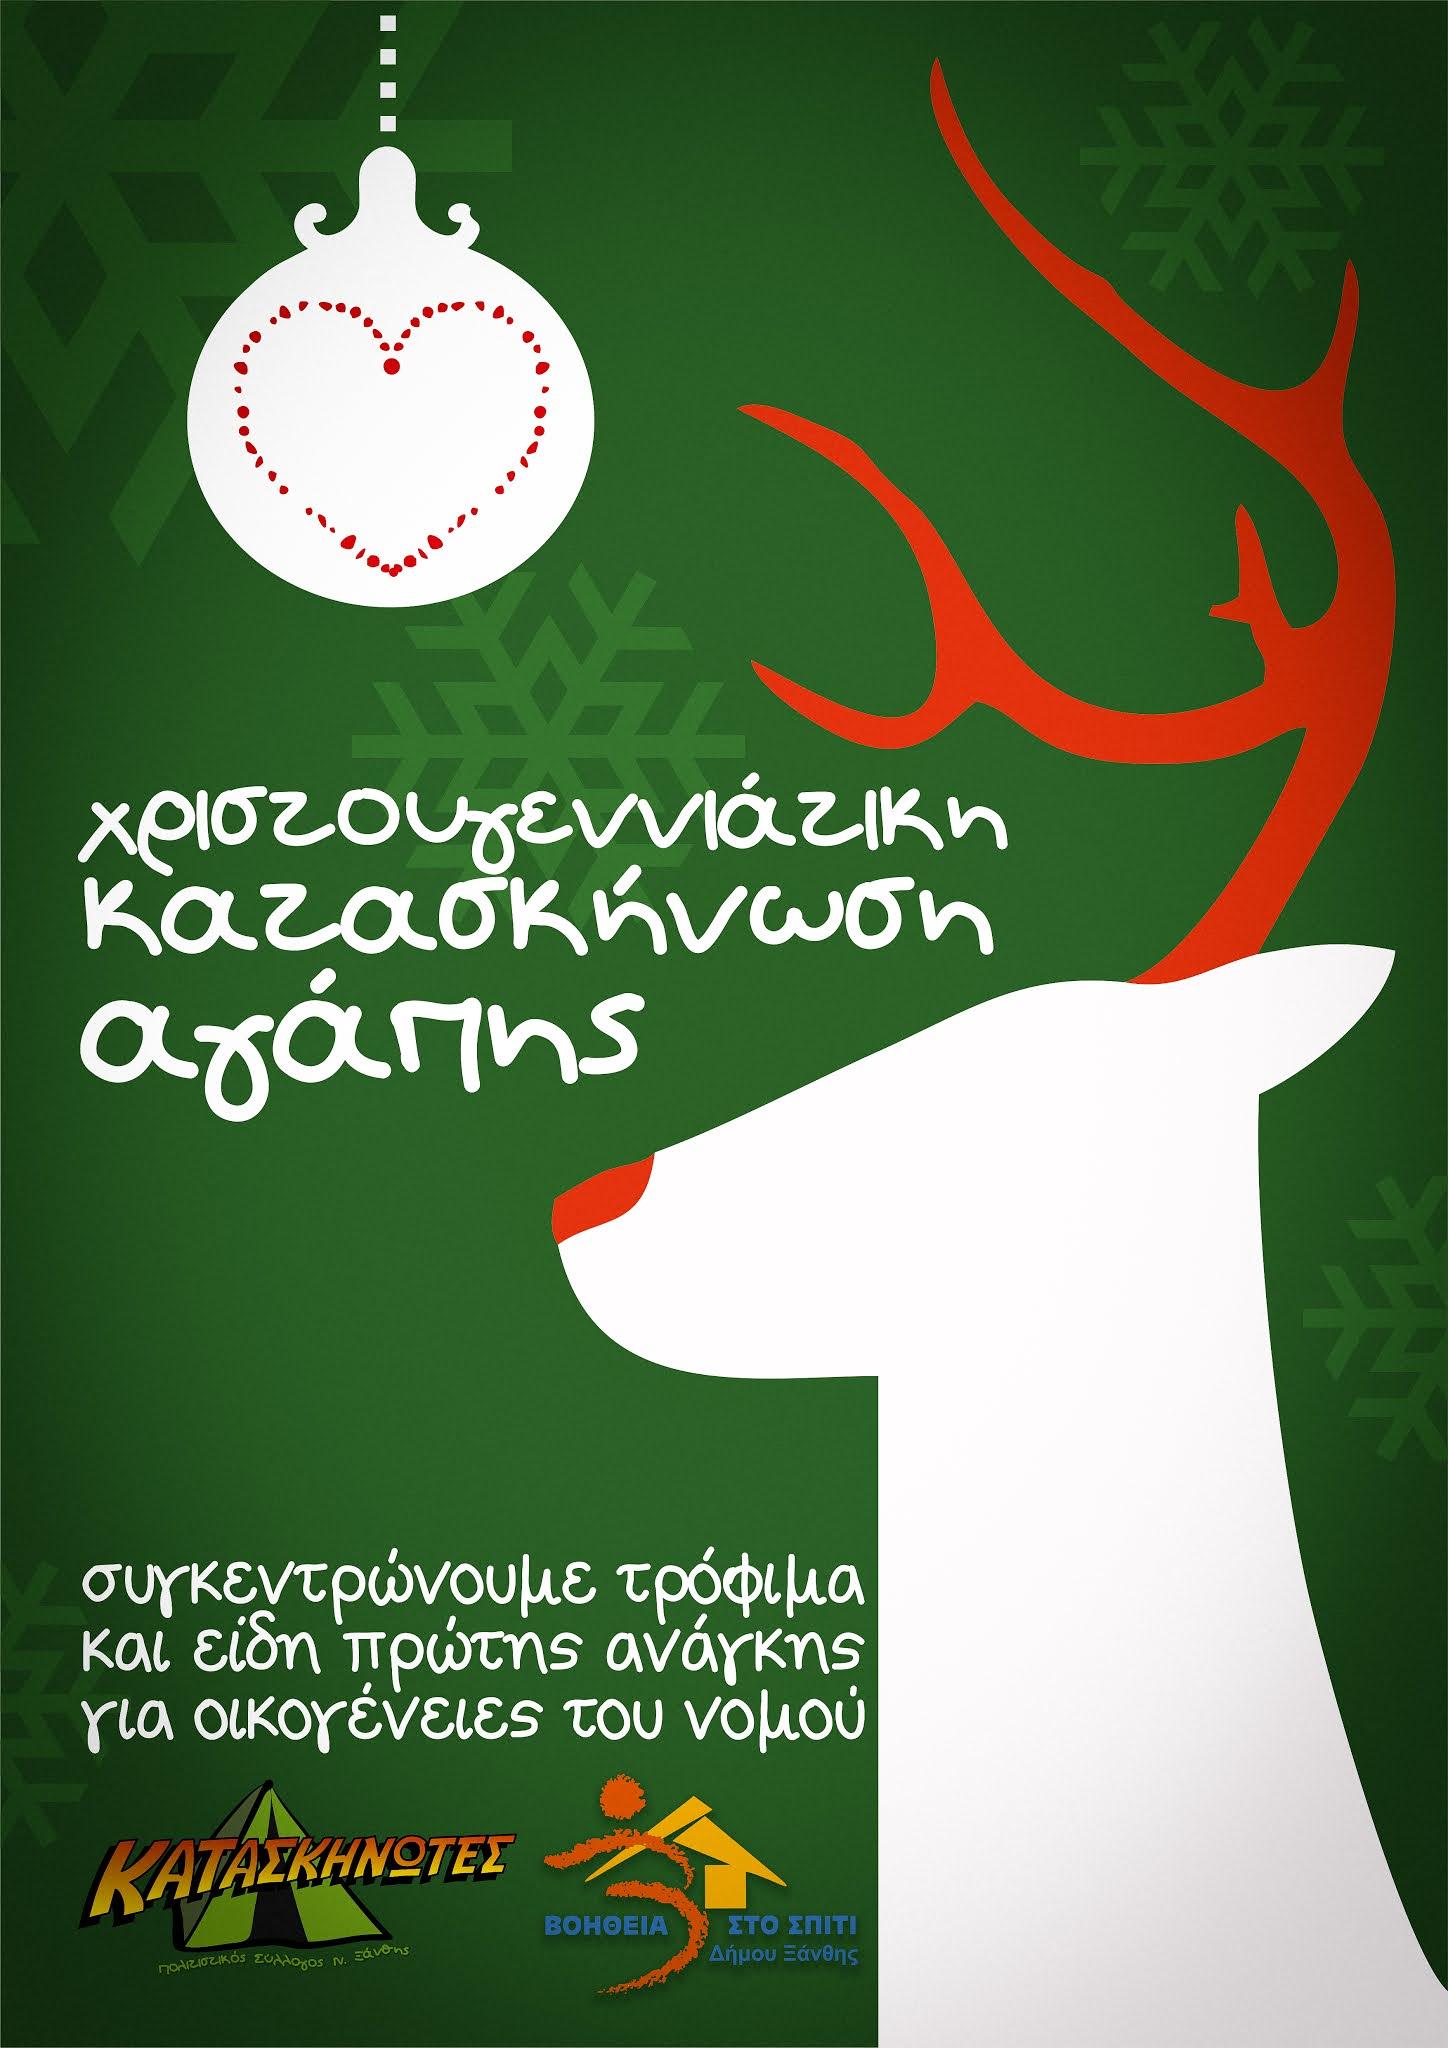 Ξάνθη: Χριστουγεννιάτικη Κατασκήνωση Αγάπης